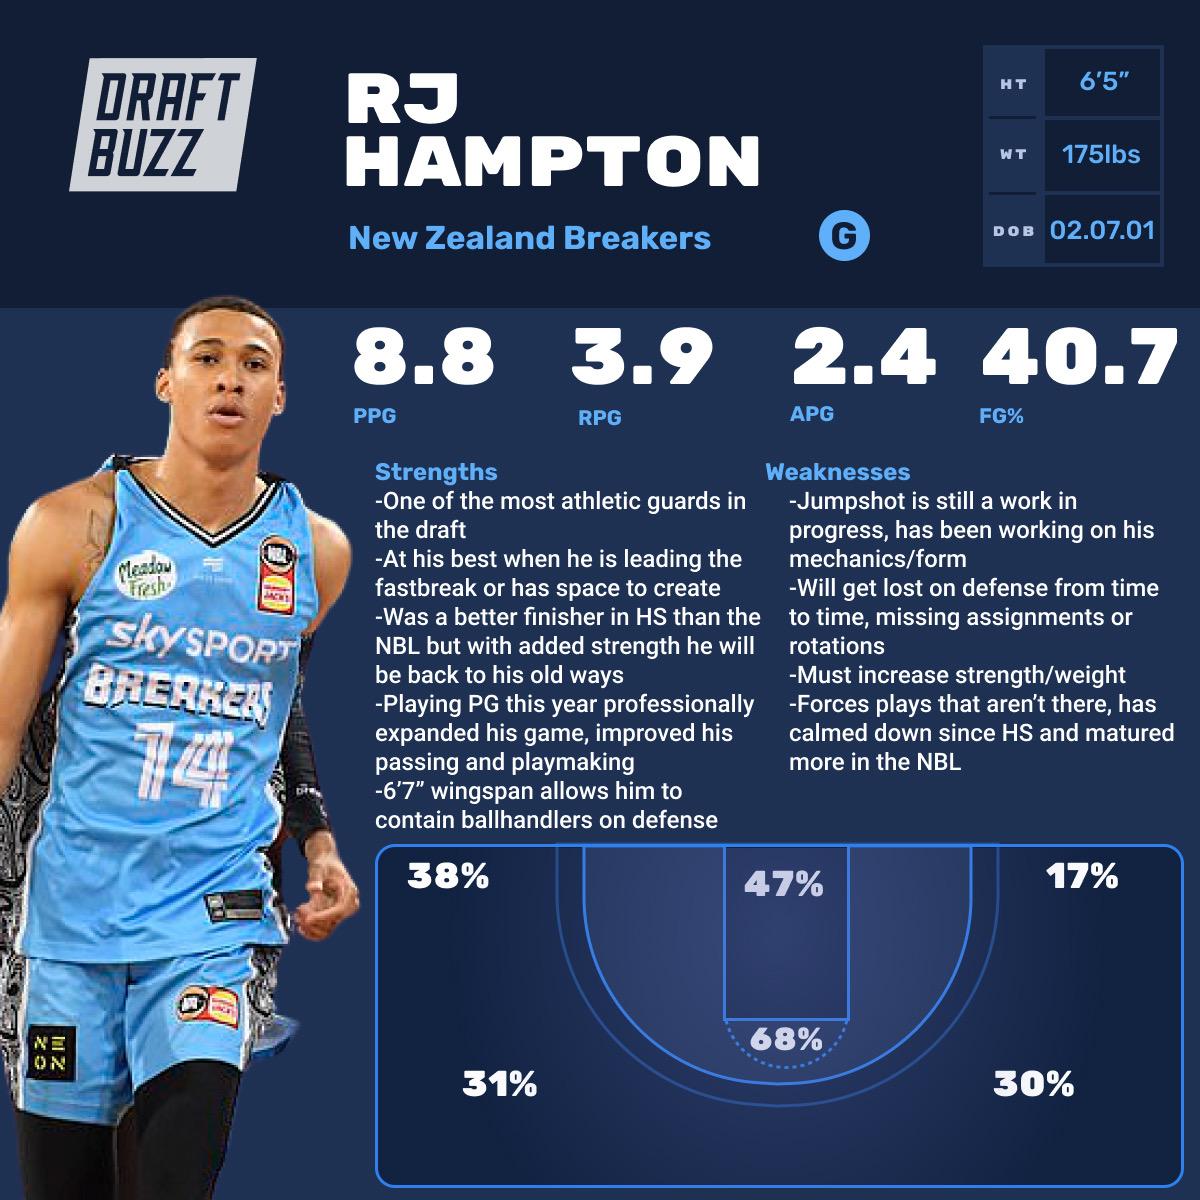 RJ Hampton